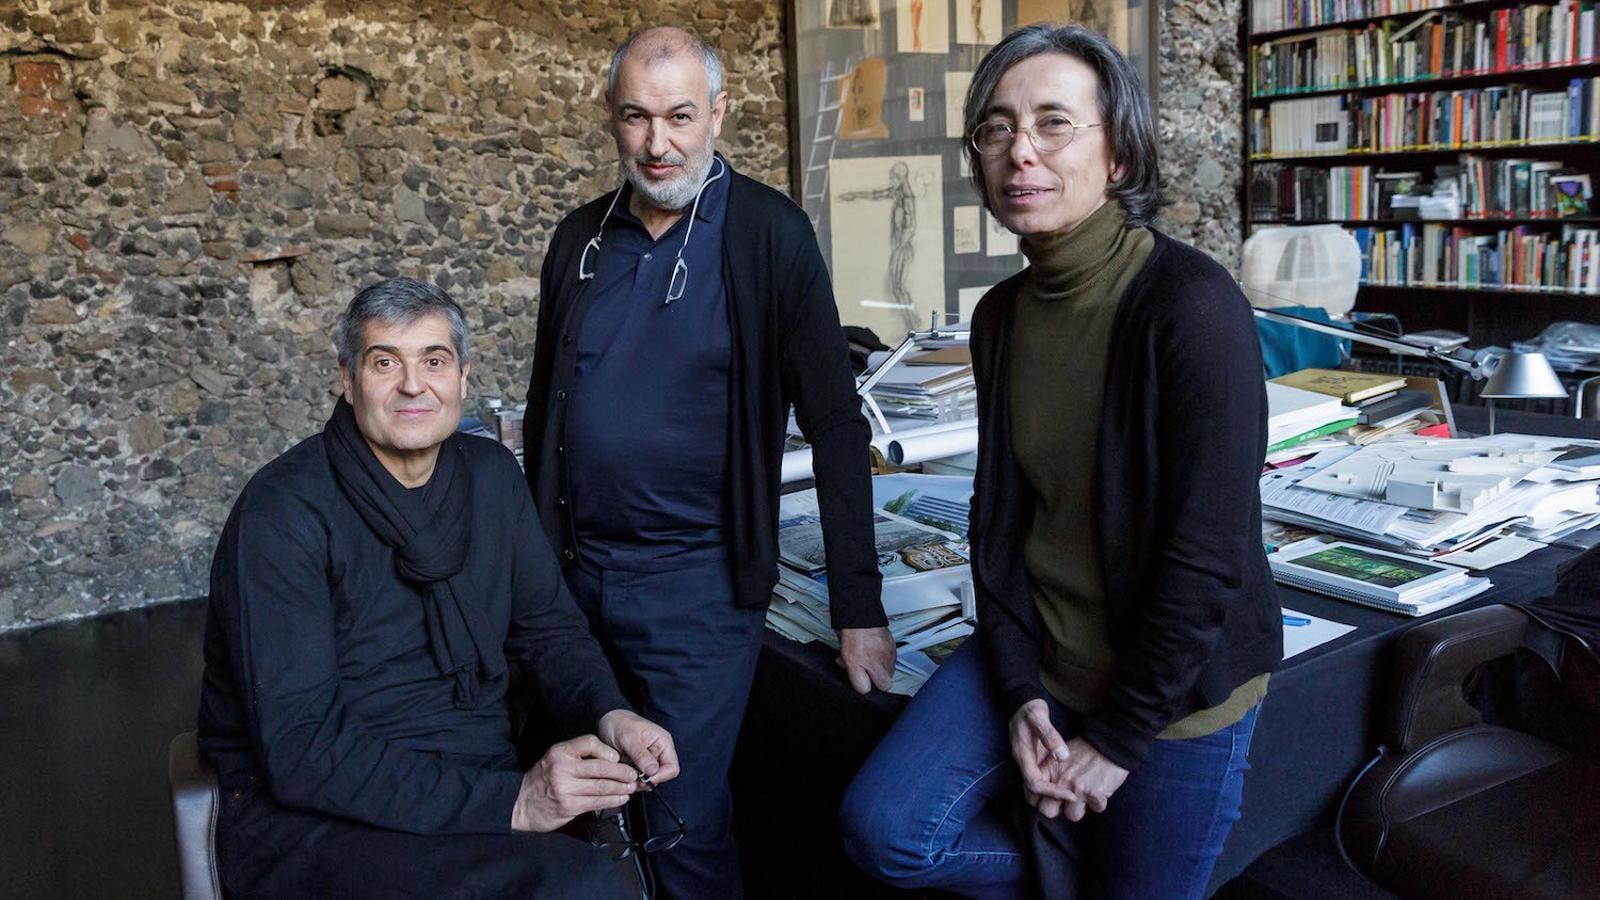 Rafael Aranda, Ramon Vilalta i Carme Pigem, de l'estudi d'Olot RCR, després de saber-se que han rebut el premi Pritzker